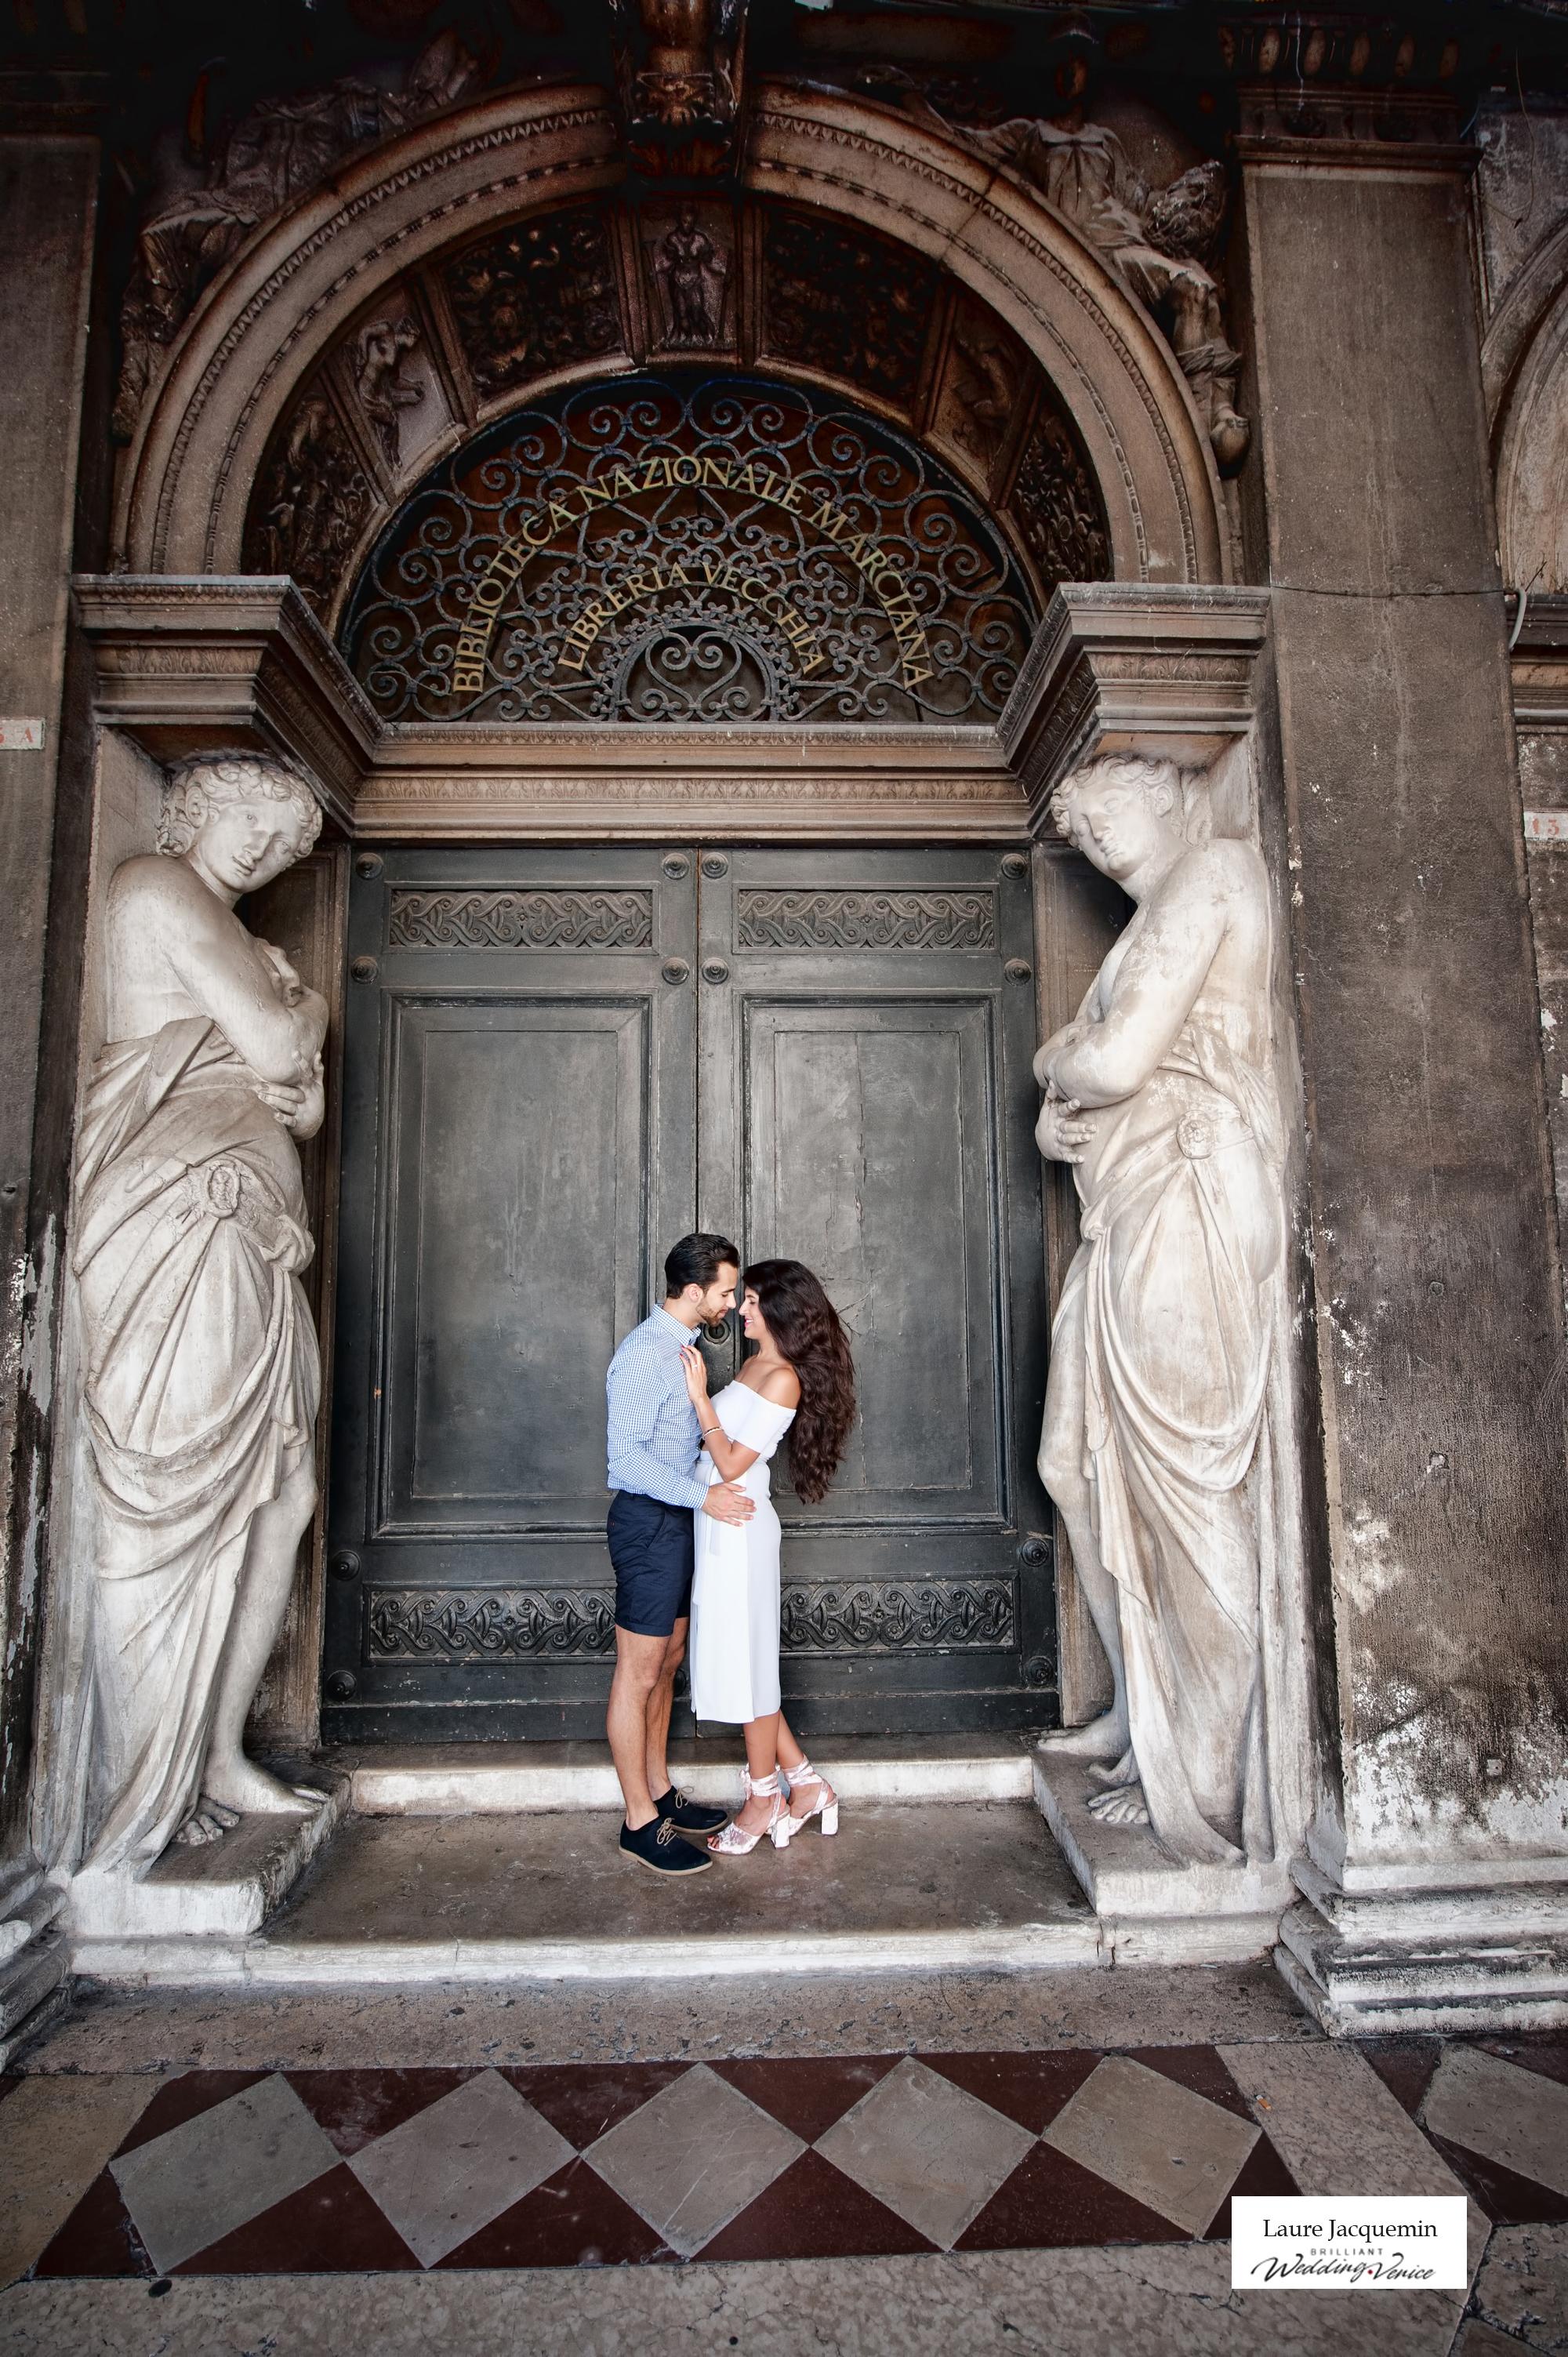 venise gondole banner fiancaille photographe demande mariage laure jacquemin (32)